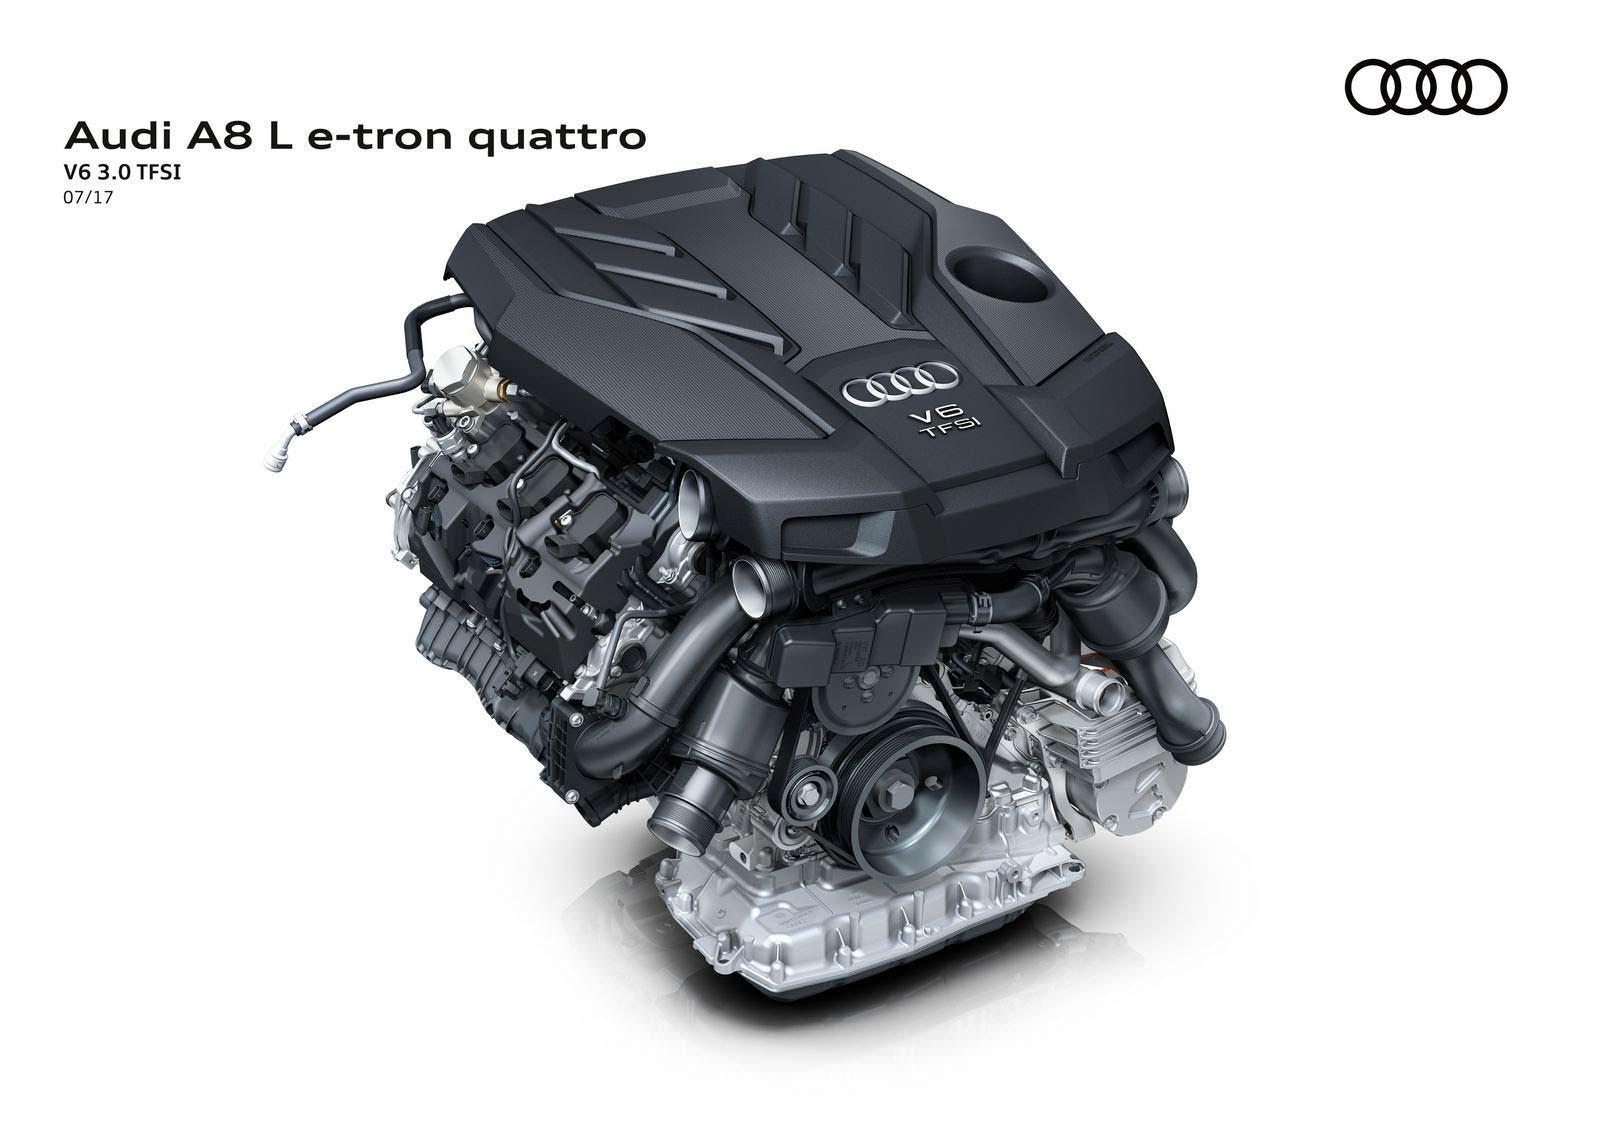 Audi a8 37 quattro (d3) 2003 201305 pictures (1600x1200)